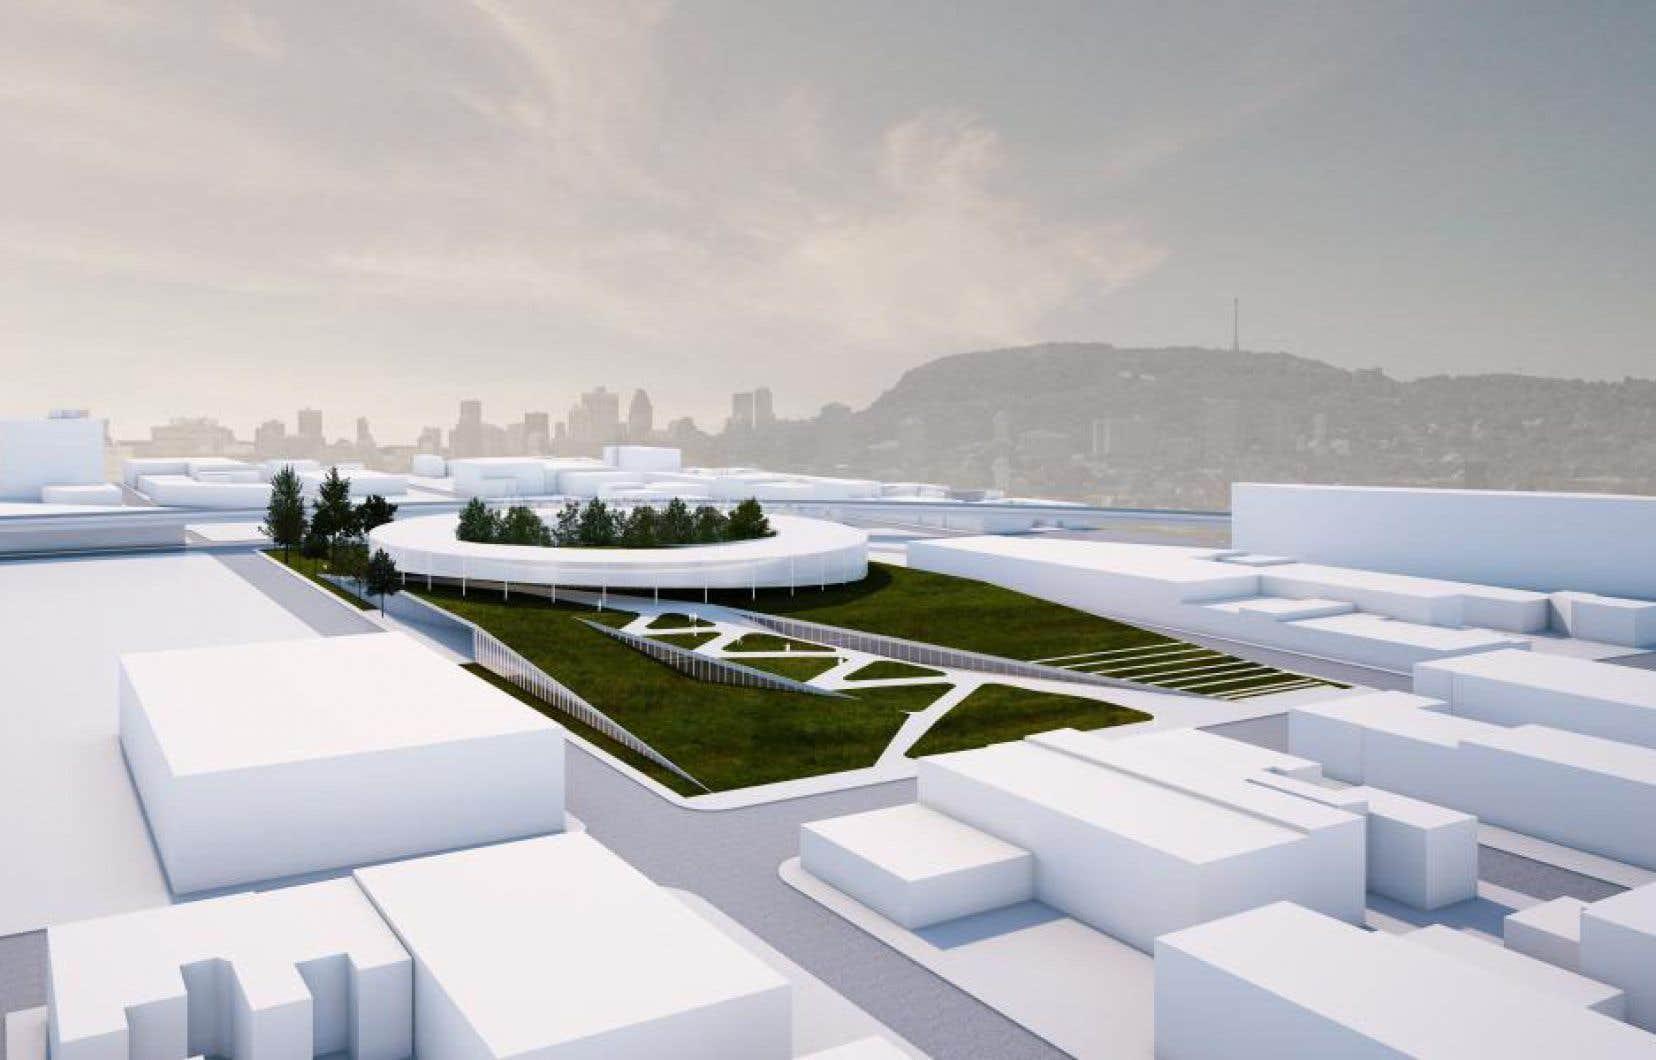 Le projet comprend un bâtiment administratif en forme d'anneau avec une cour intérieure pour les employés, un bâtiment souterrain de trois étages et une plateforme végétalisée accessible au public.